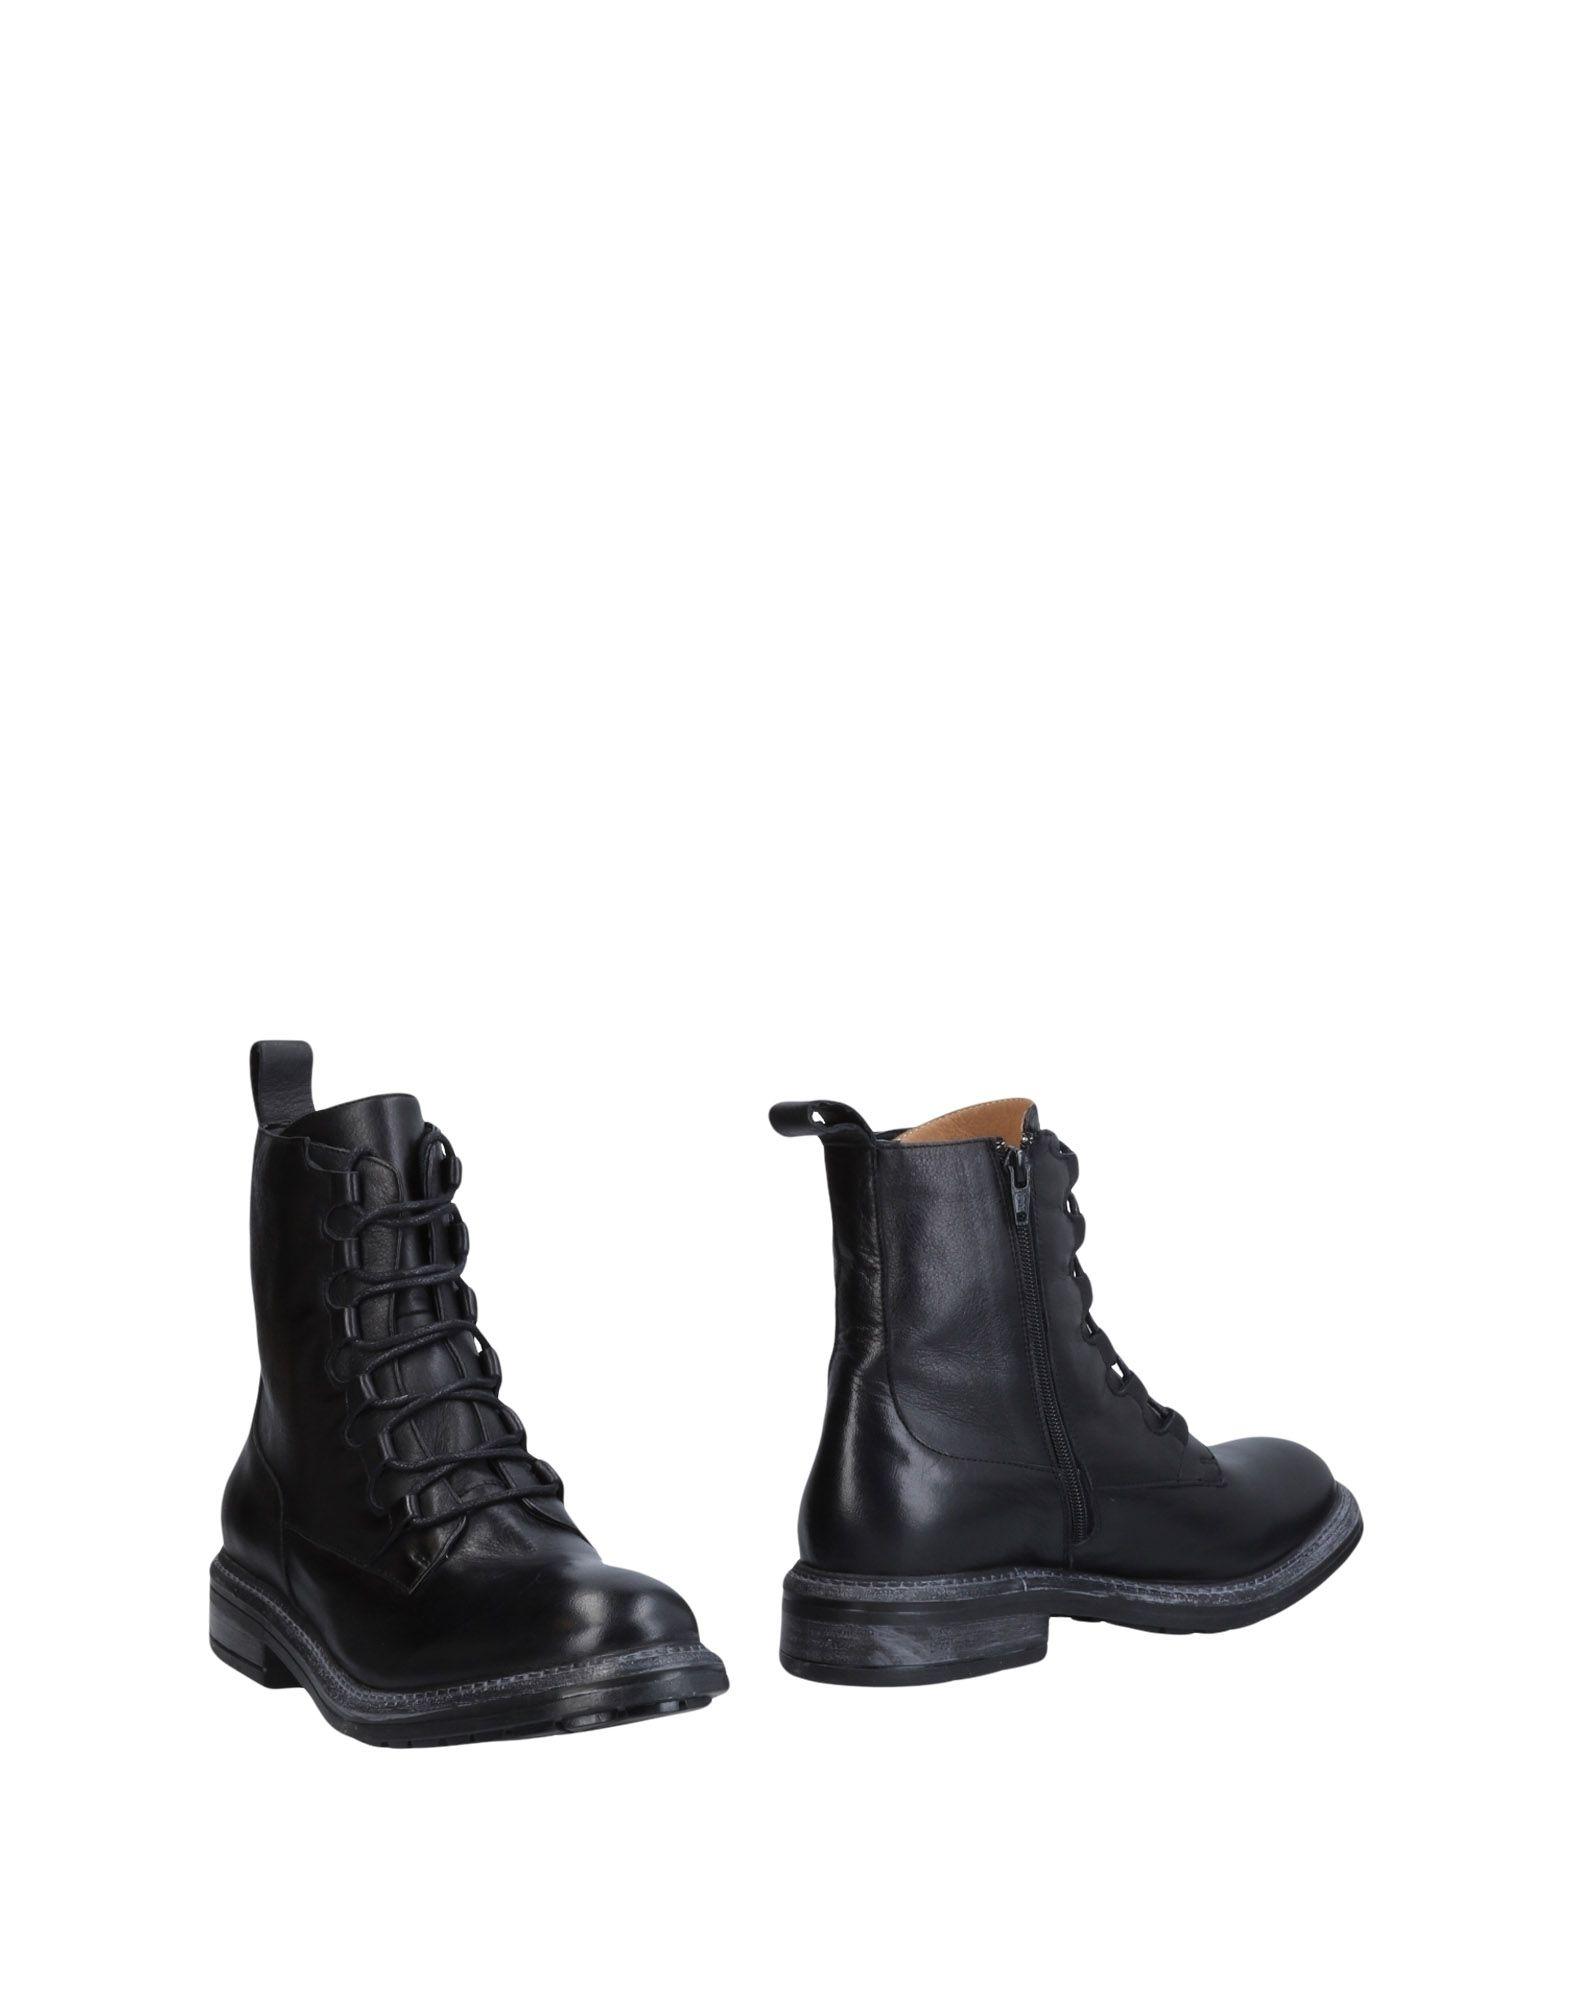 Poesie Veneziane Stiefelette Damen  11454730MJ Gute Qualität beliebte Schuhe